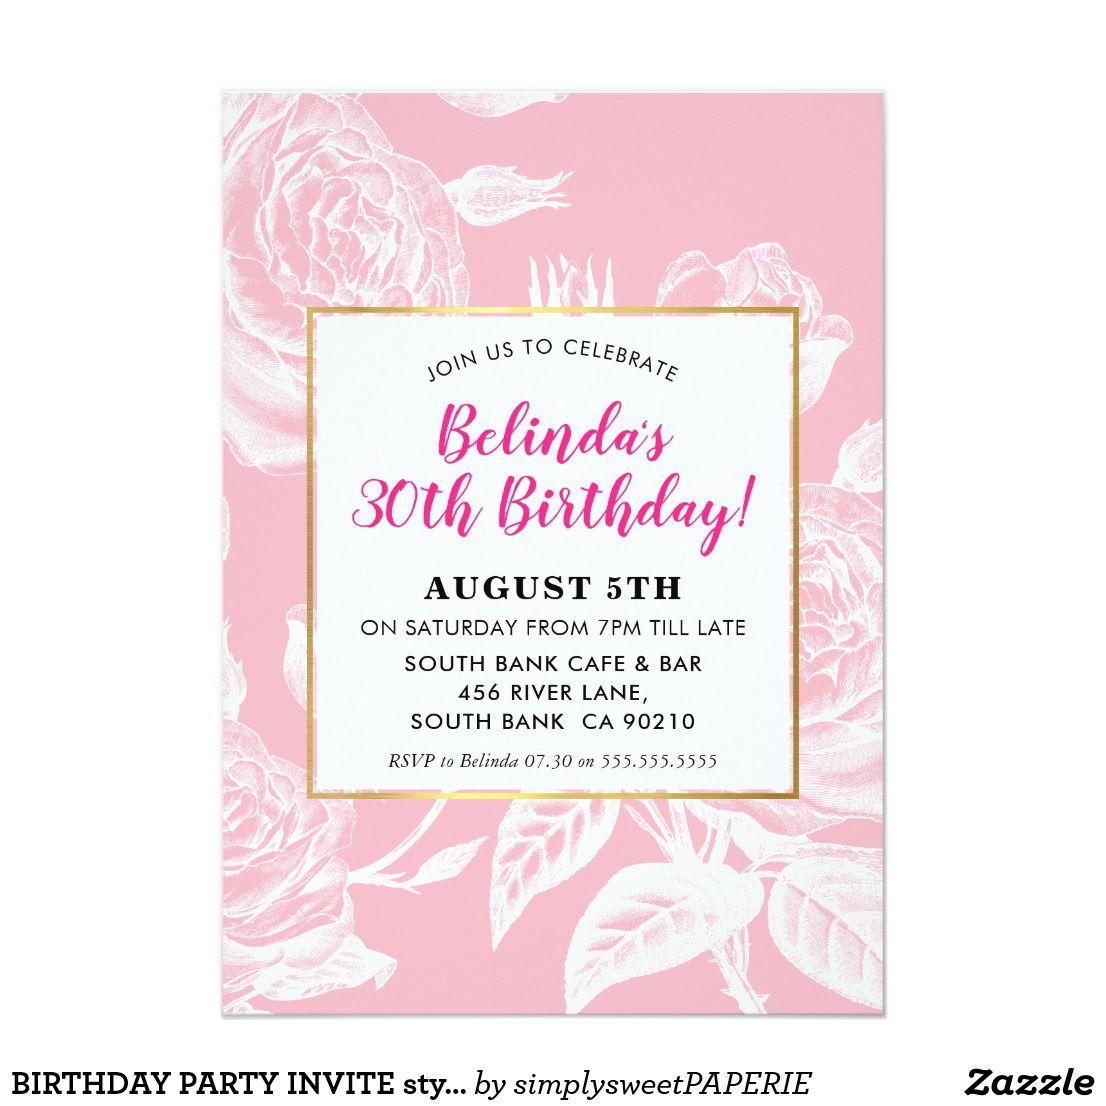 BIRTHDAY PARTY INVITE stylish engraved rose pink #birthdayinvitation ...